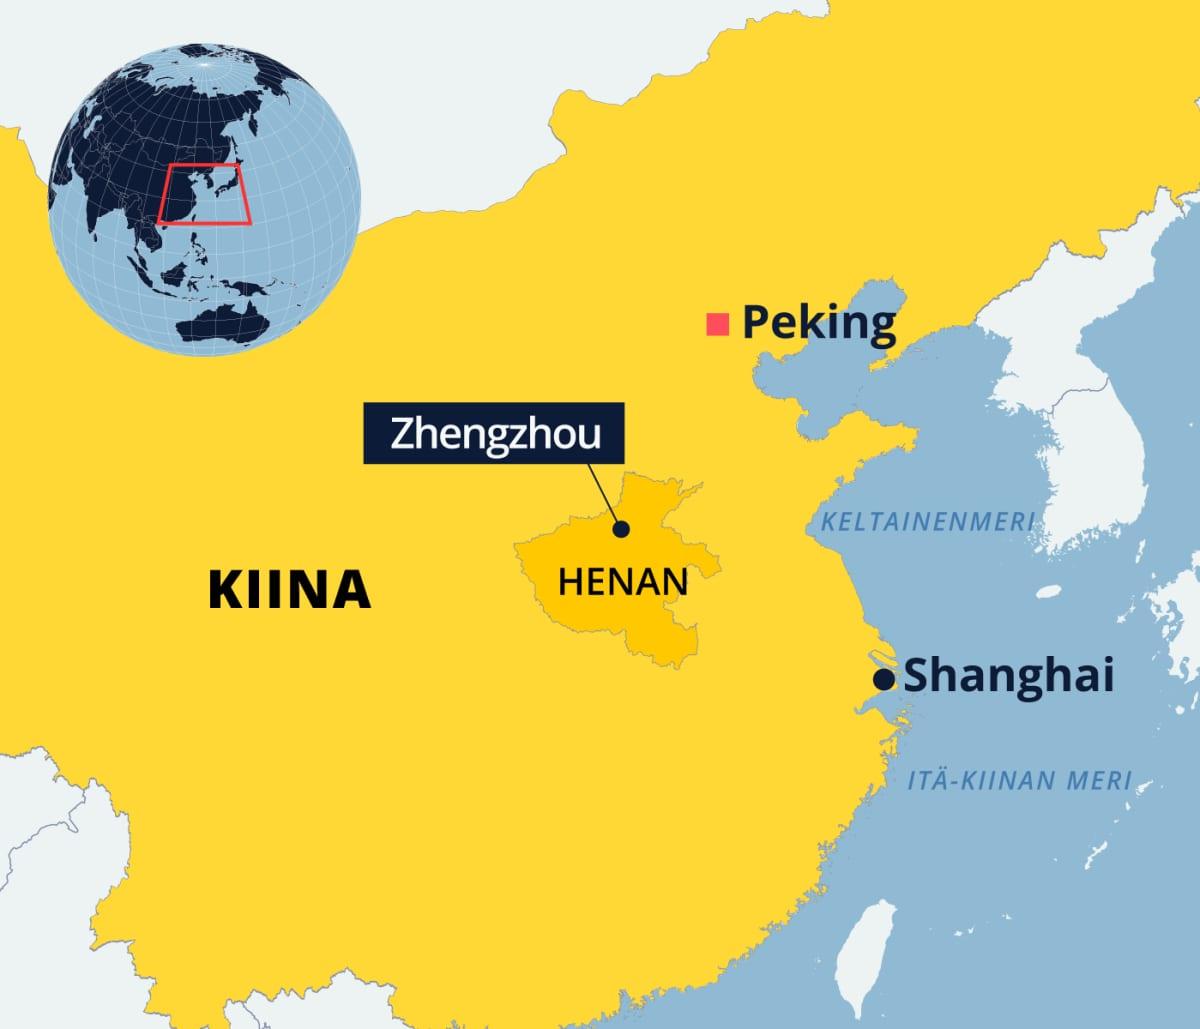 Kartta Kiinasta, Henanin maakunnasta.